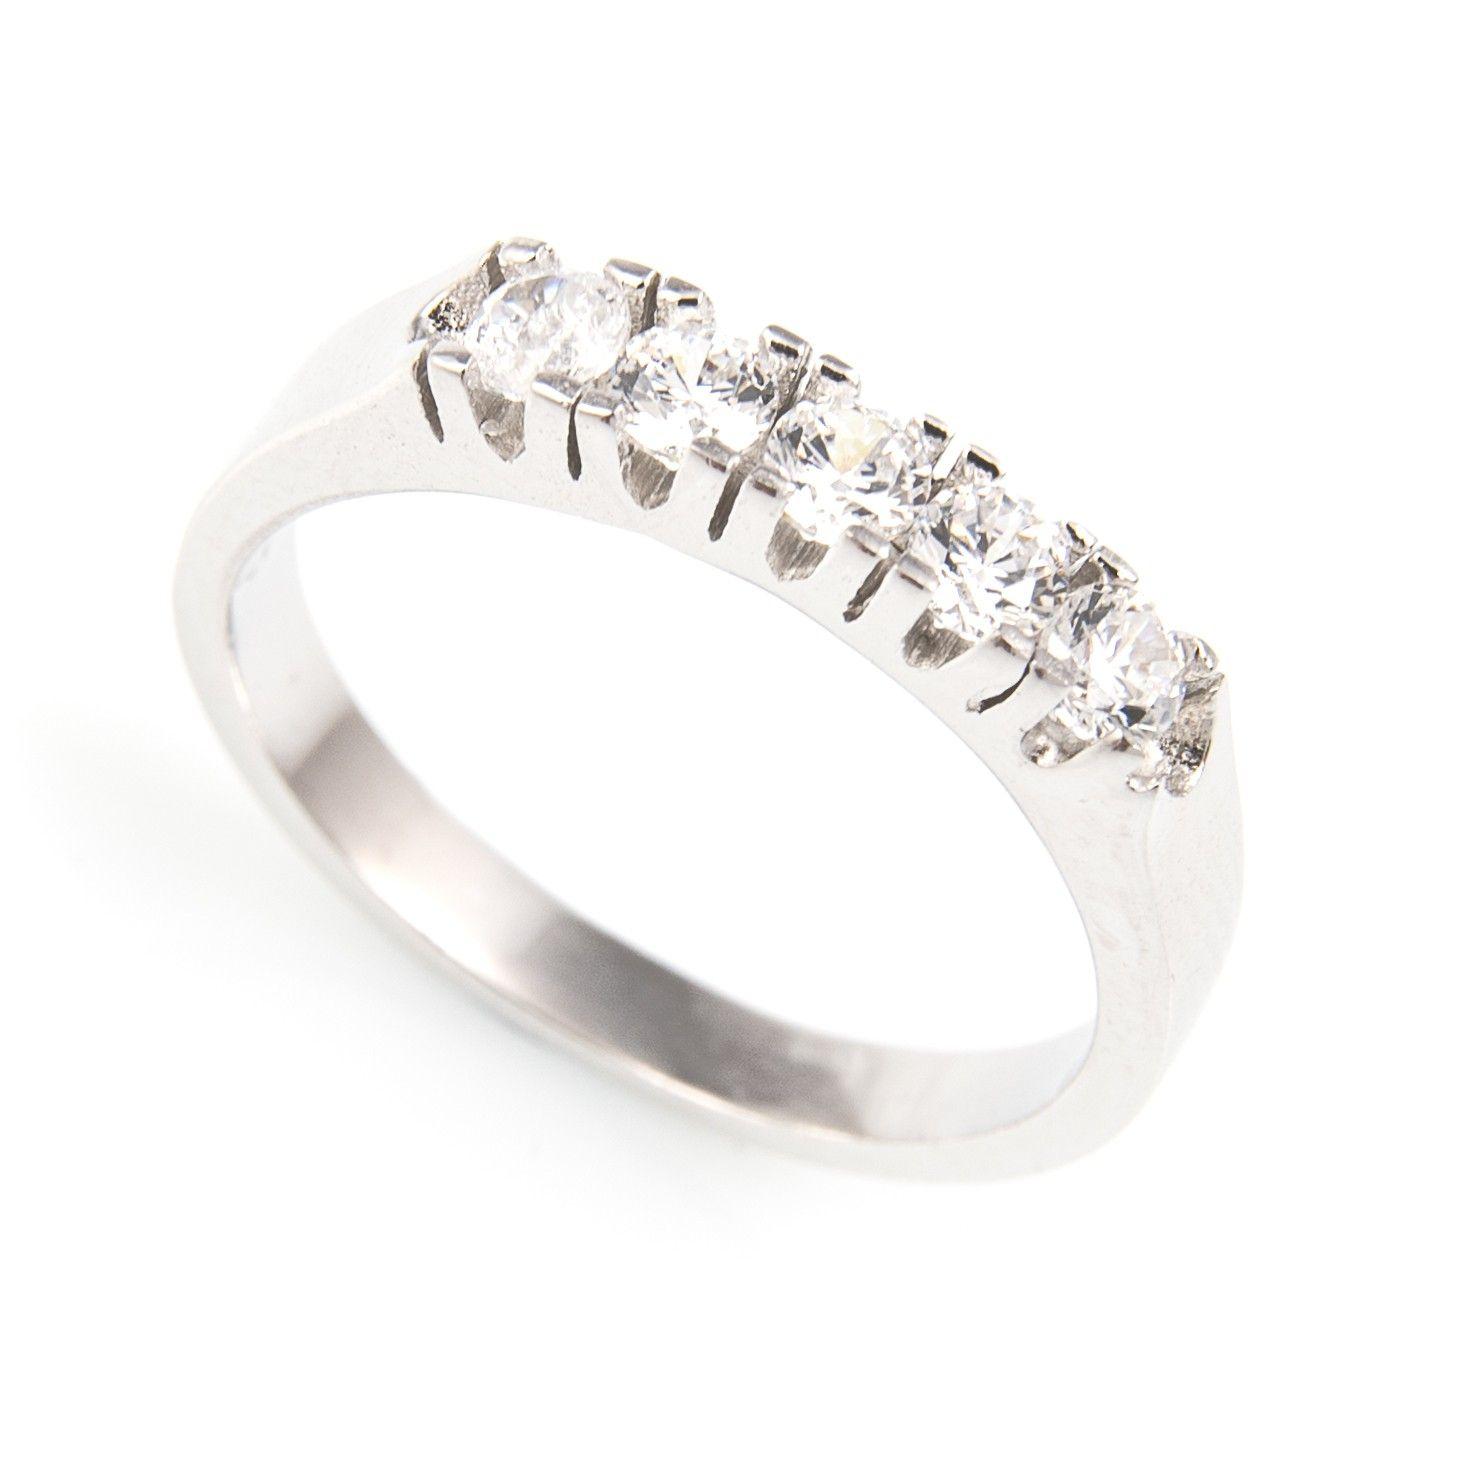 6ca46945dbe6 Sortija Plata de Ley con fuertes garras que dan consistencia y durabilidad  al anillo. Perfecto para uso diario. Materiales  Anillo de Plata de Ley 925  con ...